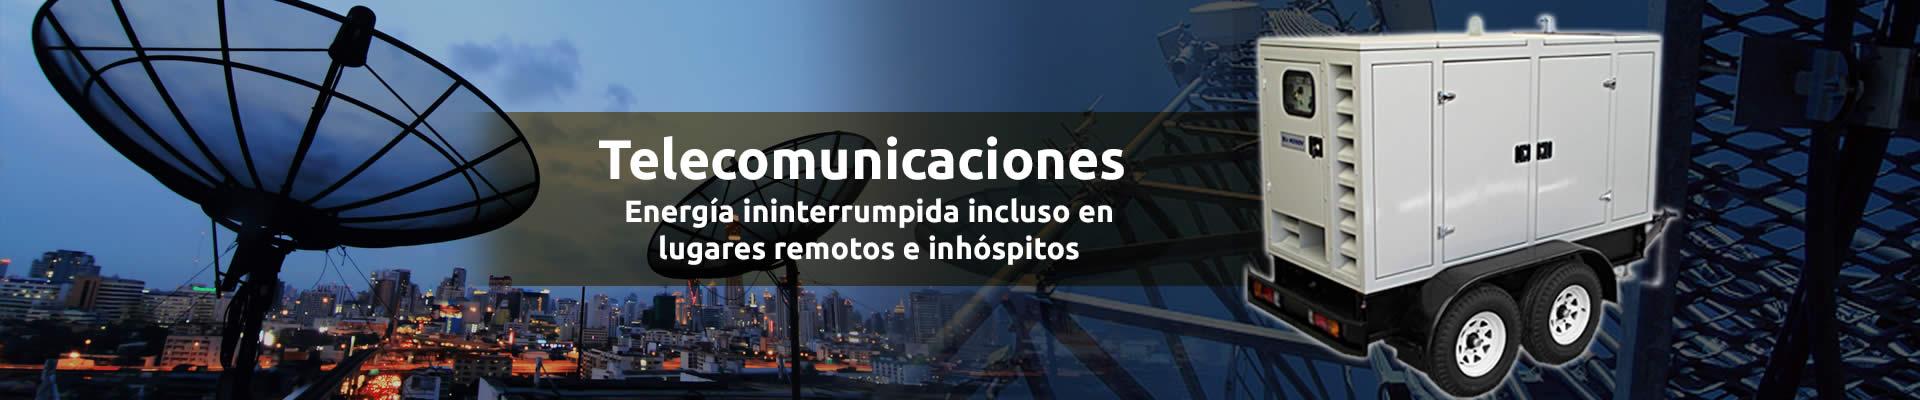 banner_telecomunicaciones